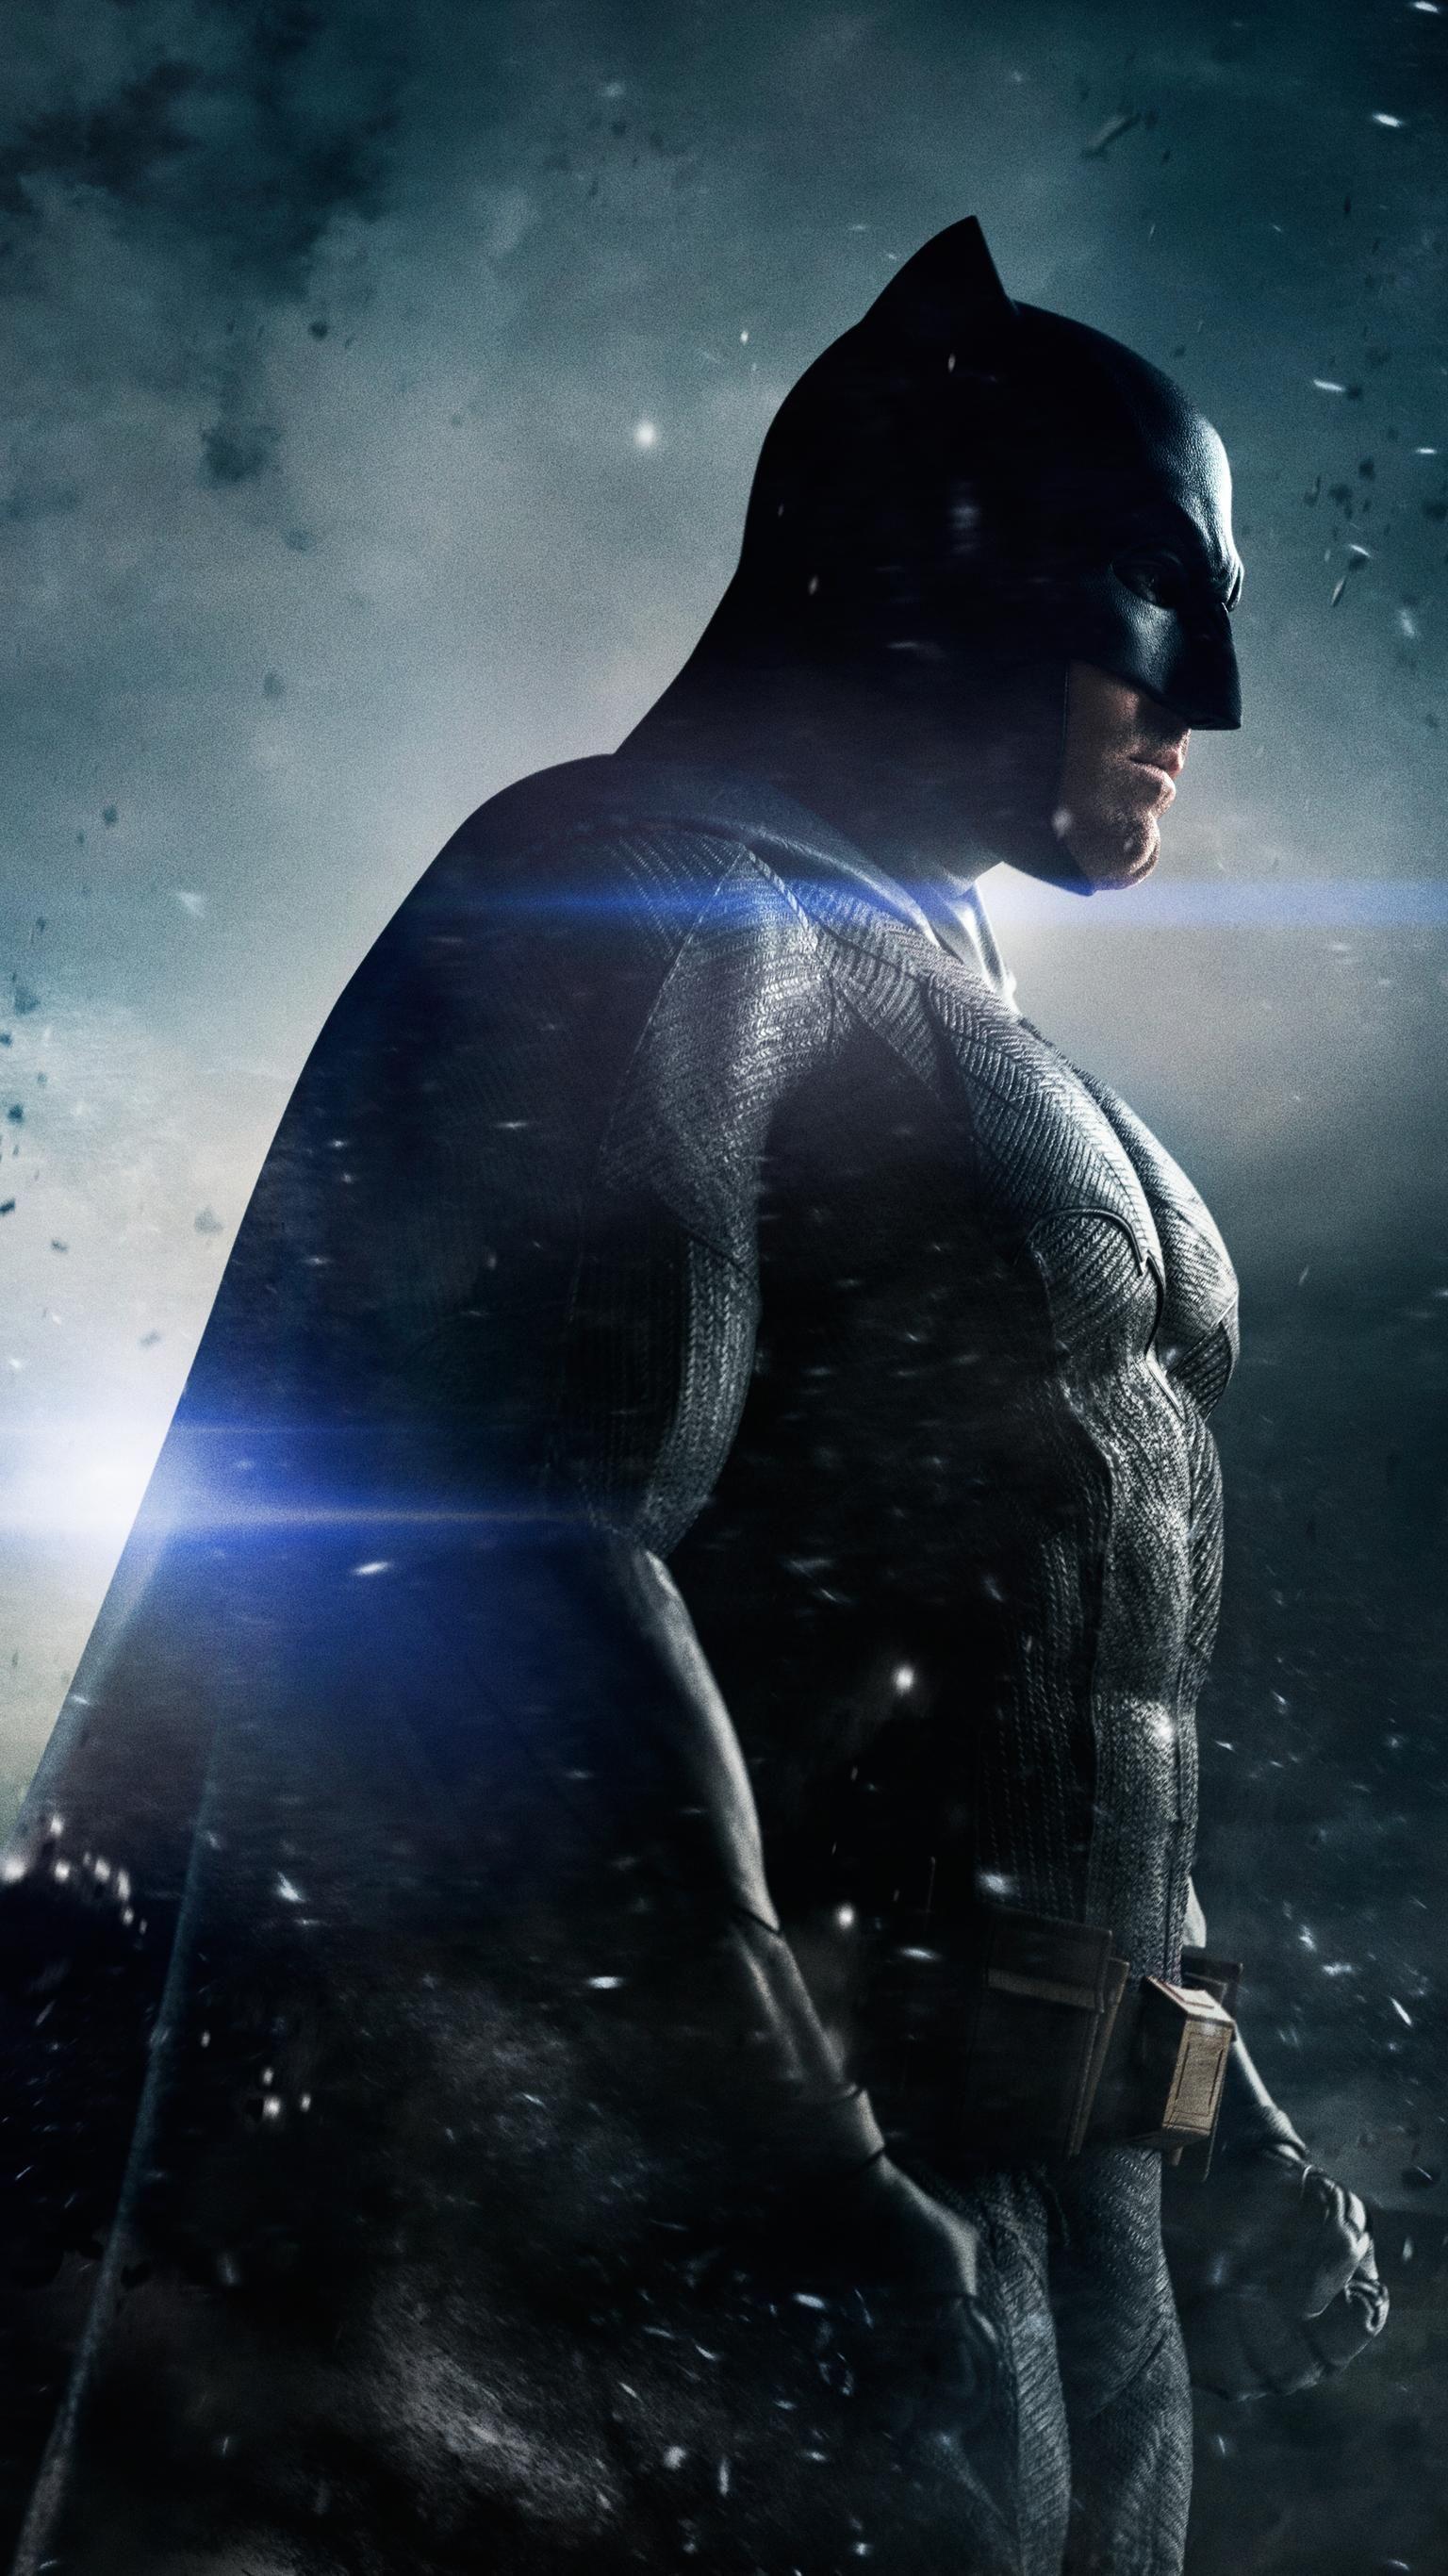 Batman V Superman Dawn Of Justice 2016 Phone Wallpaper Moviemania Batman Canvas Art Batman Vs Superman Poster Batman Canvas